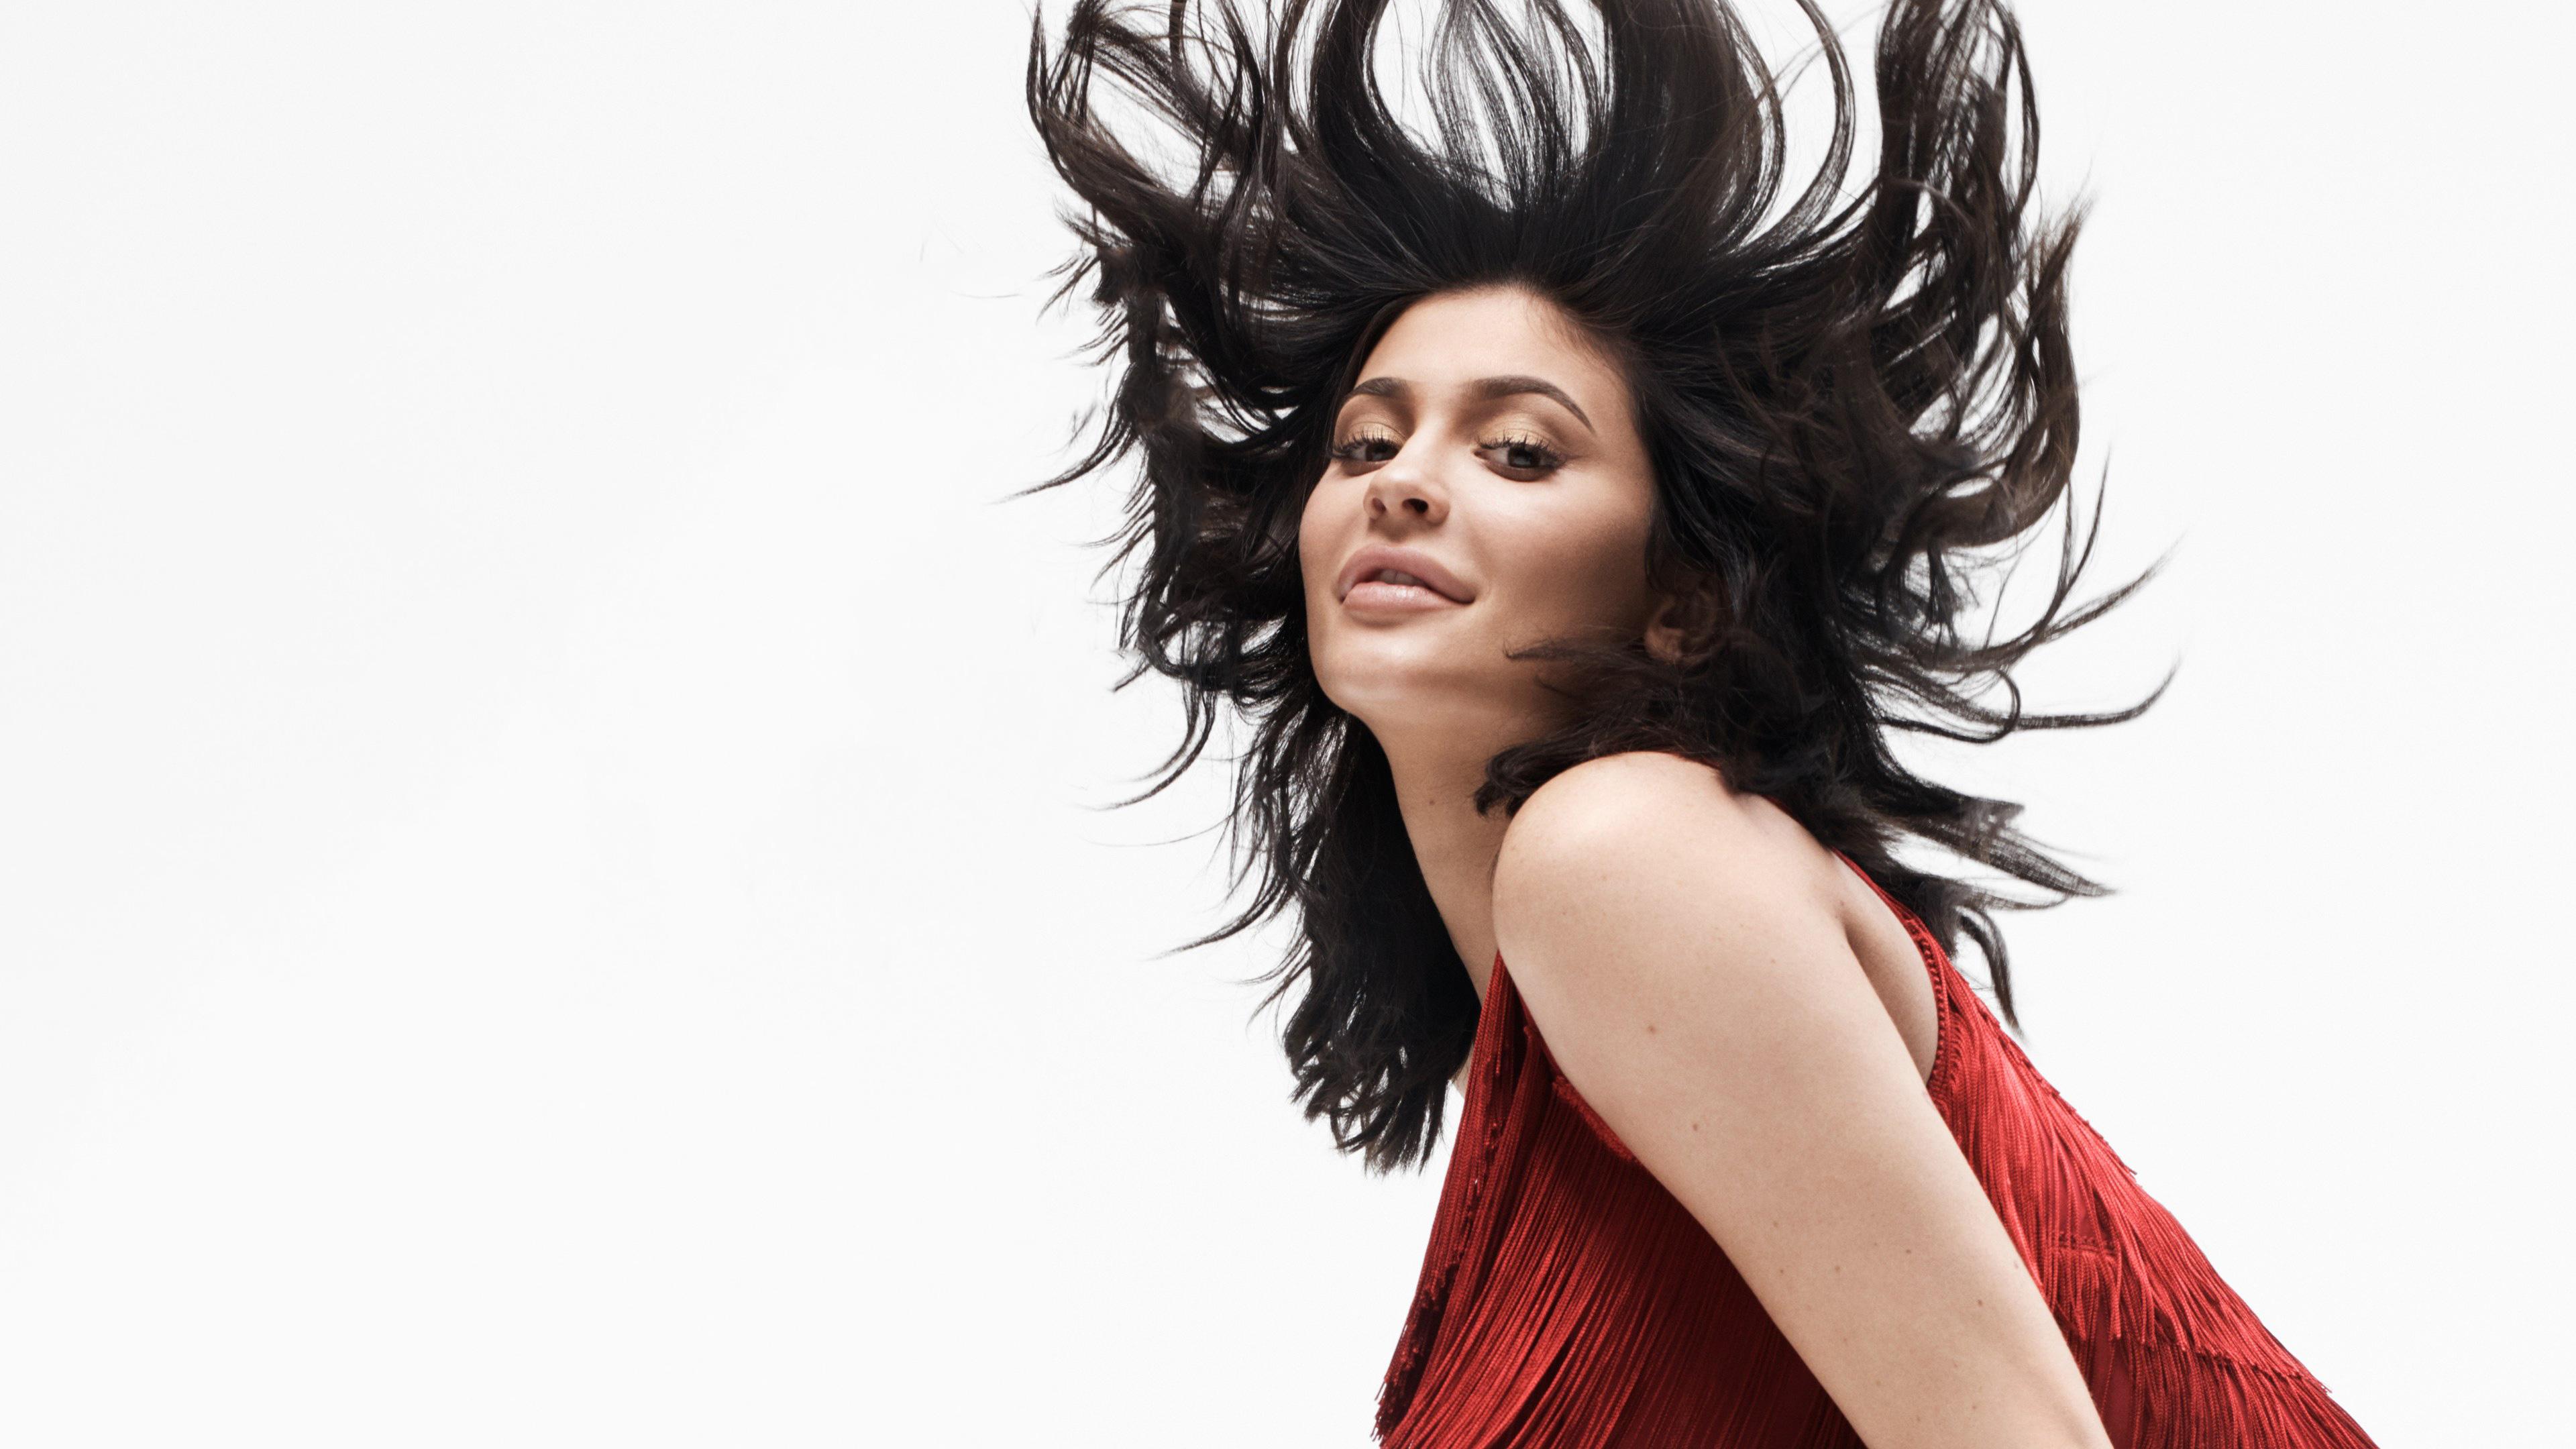 kylie jenner gq 2019 1536949861 - Kylie Jenner GQ 2019 - model wallpapers, kylie jenner wallpapers, hd-wallpapers, girls wallpapers, celebrities wallpapers, 4k-wallpapers